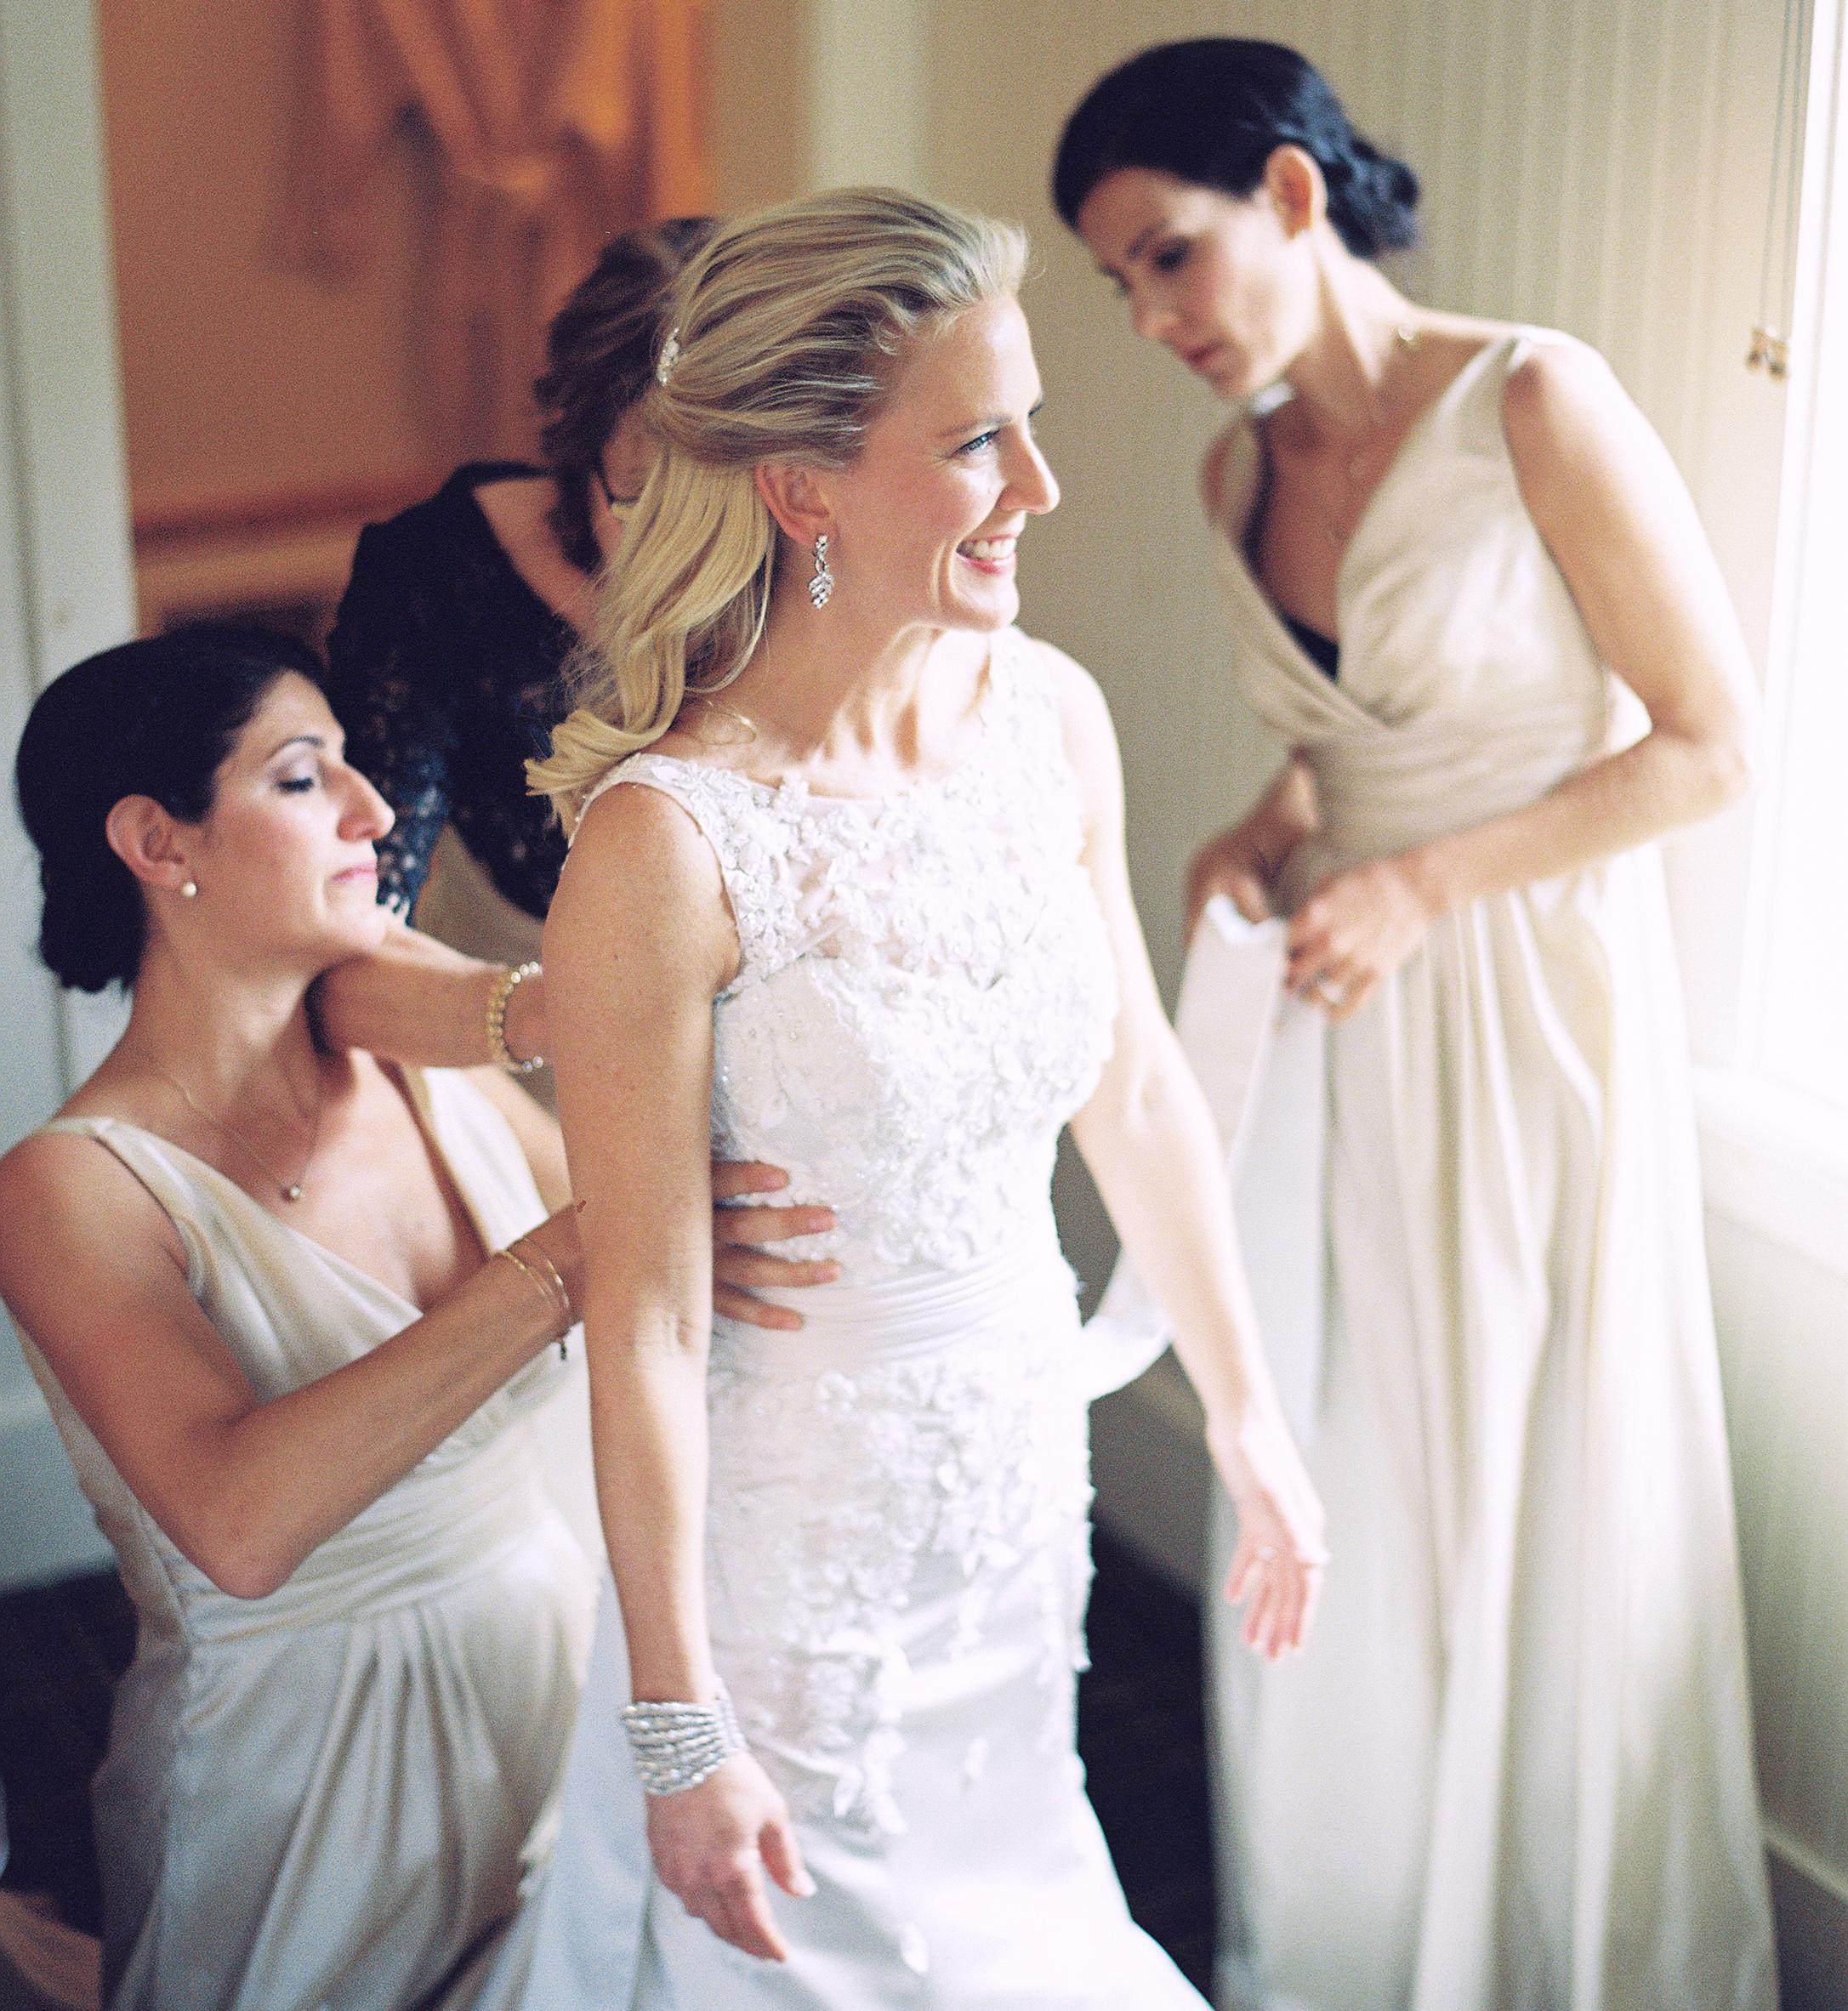 natalie_watson_weddings_1003b.jpg